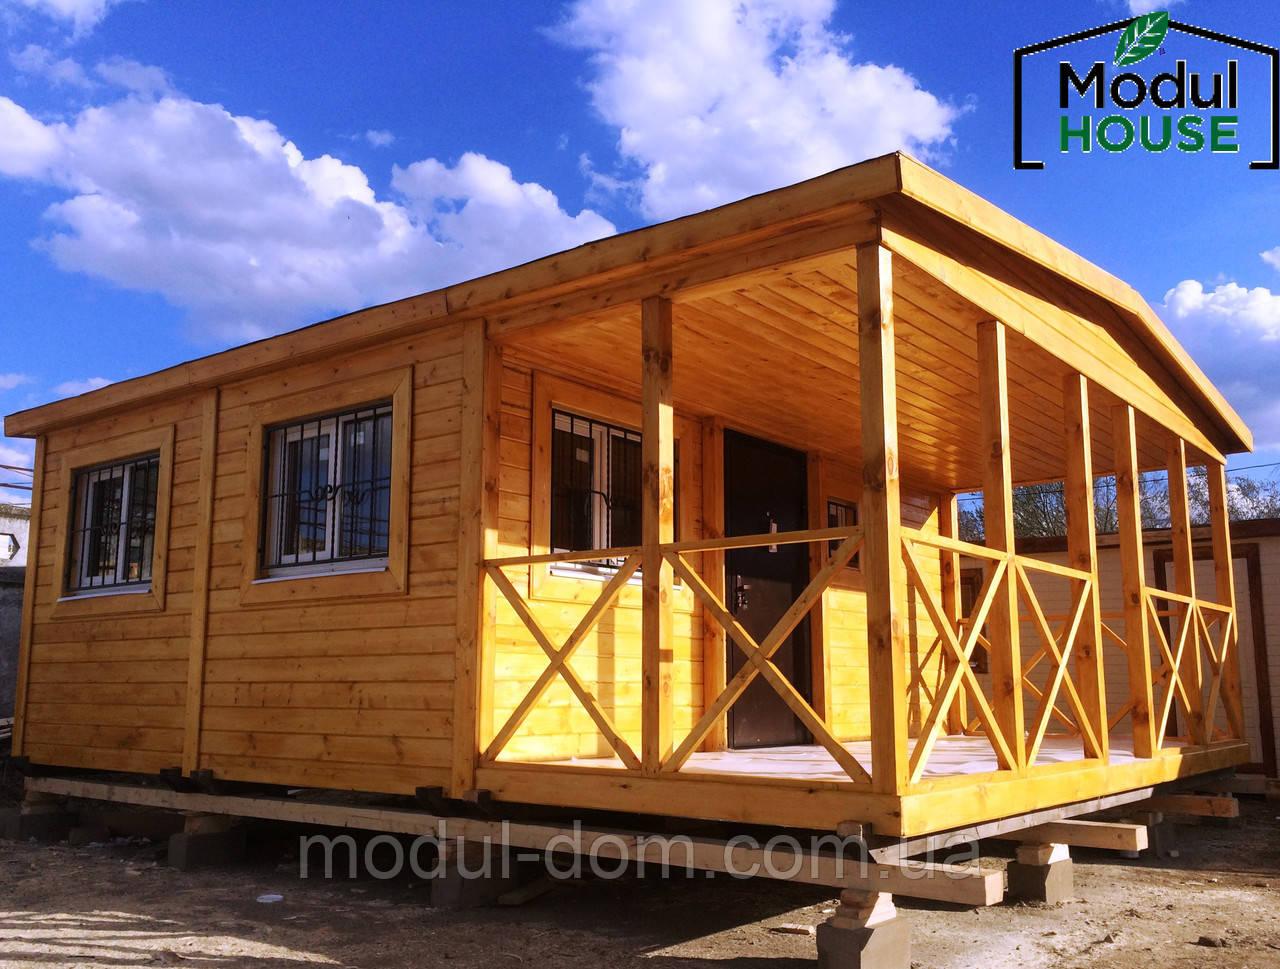 Модульный дом с доставкой и установкой, Модульные дома в Украине